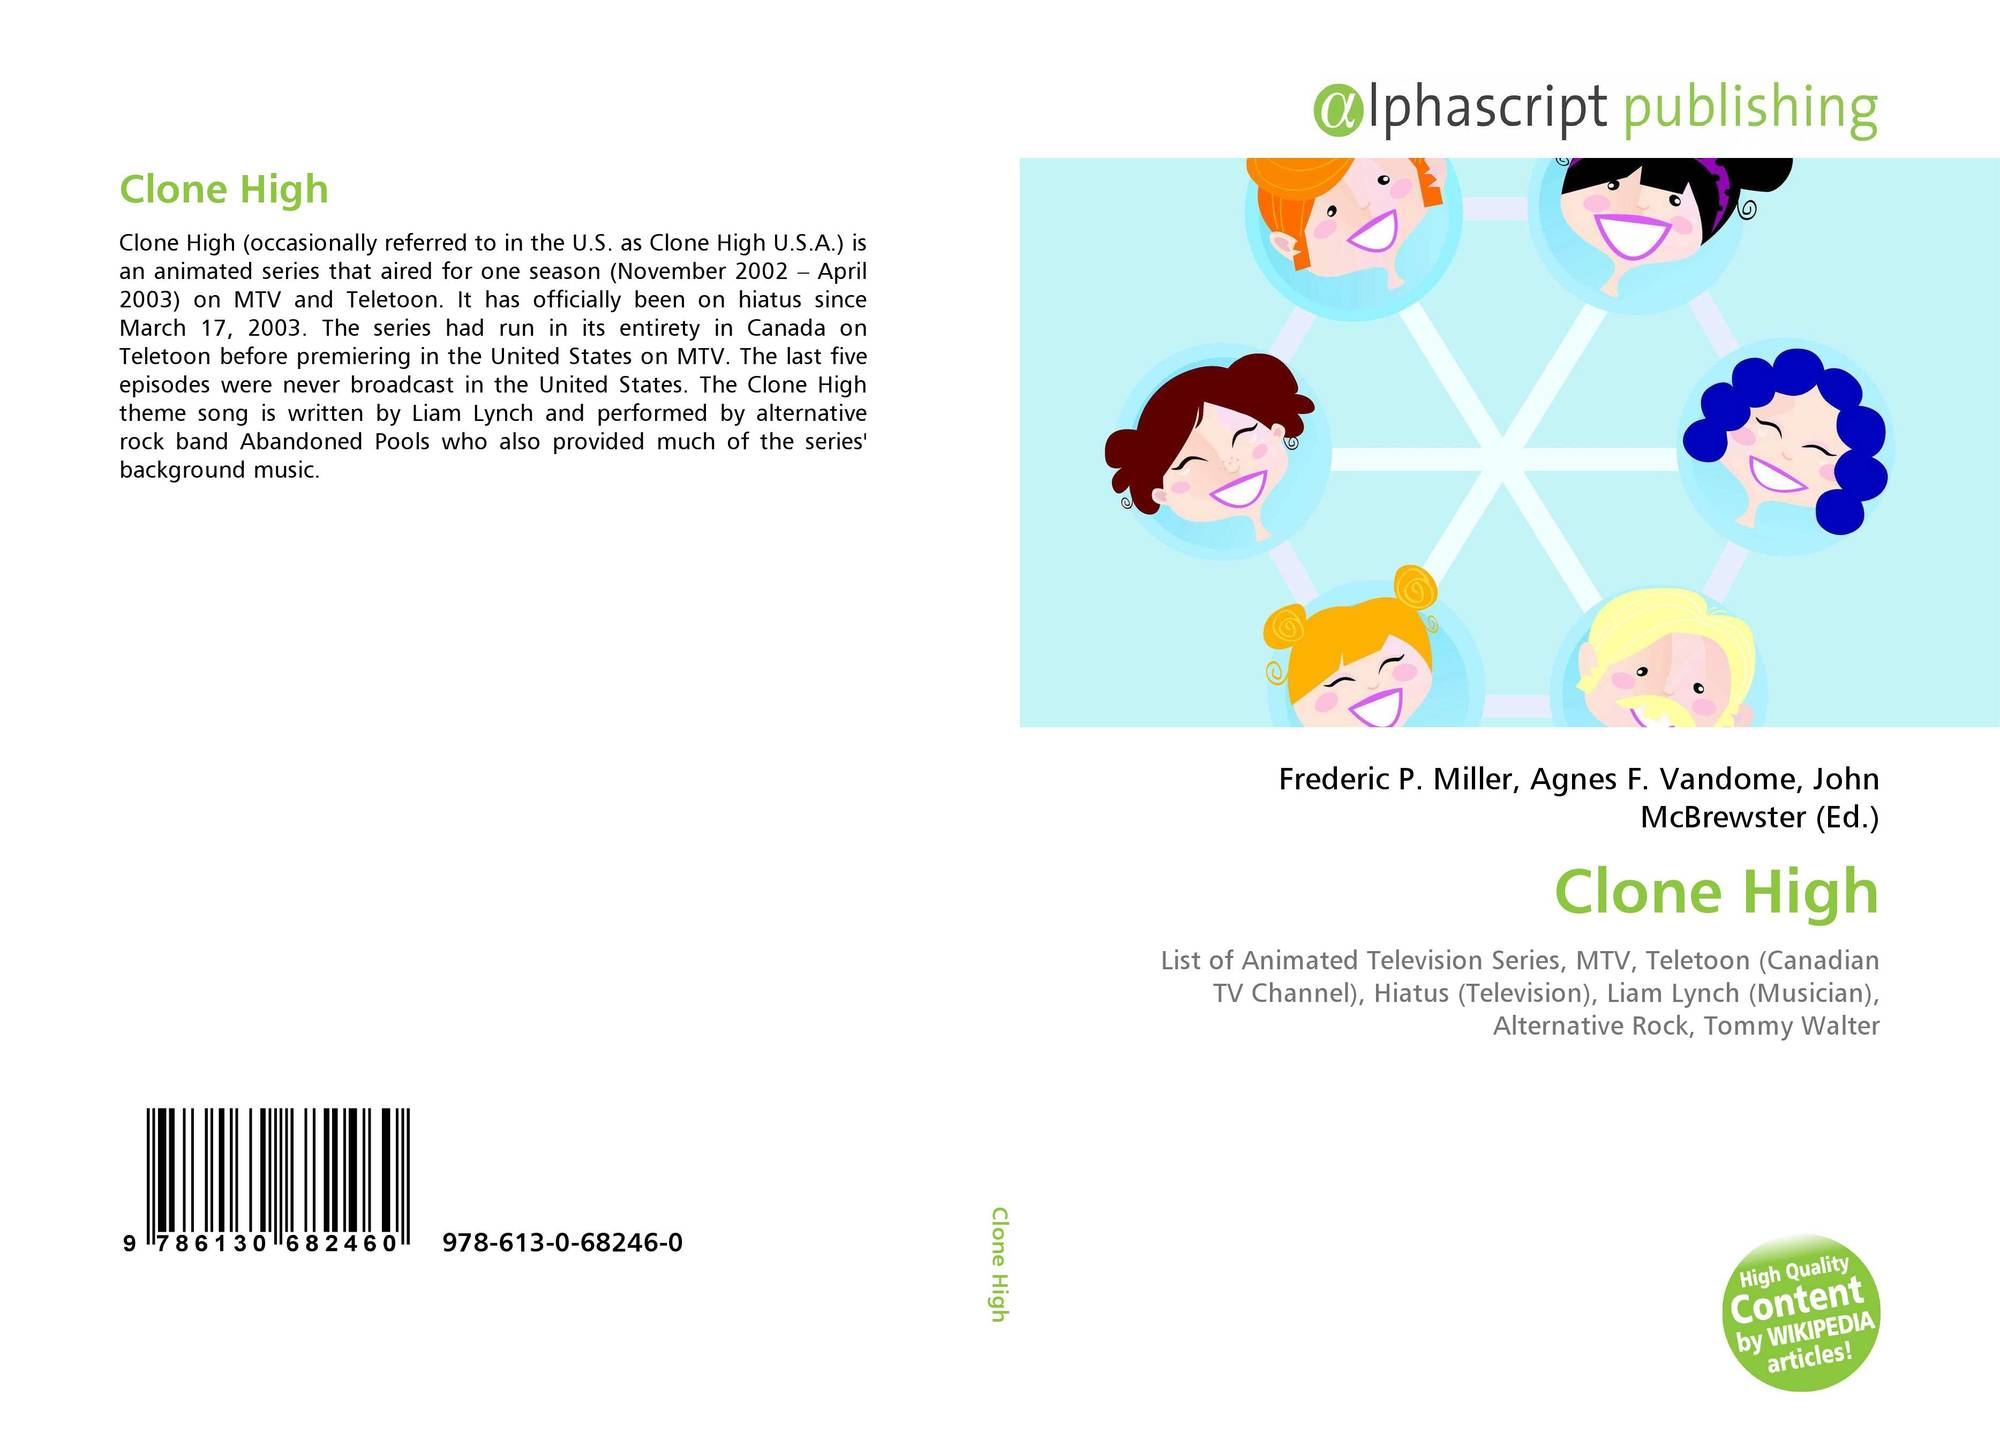 Clone High 978 613 0 68246 0 6130682468 9786130682460